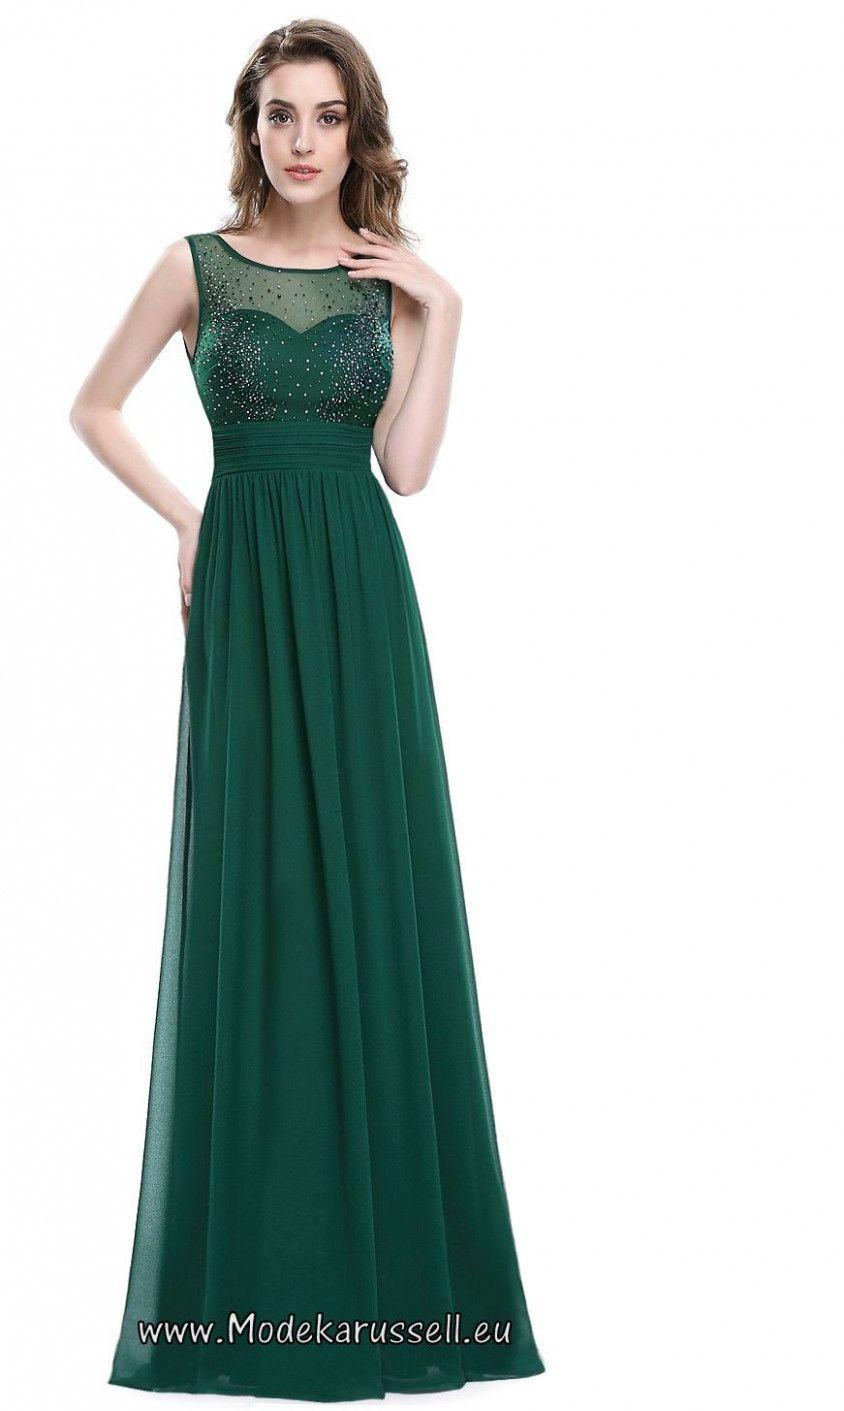 15 Abendkleid Grün in 15  Abendkleid, Abendkleid grün, Grünes kleid